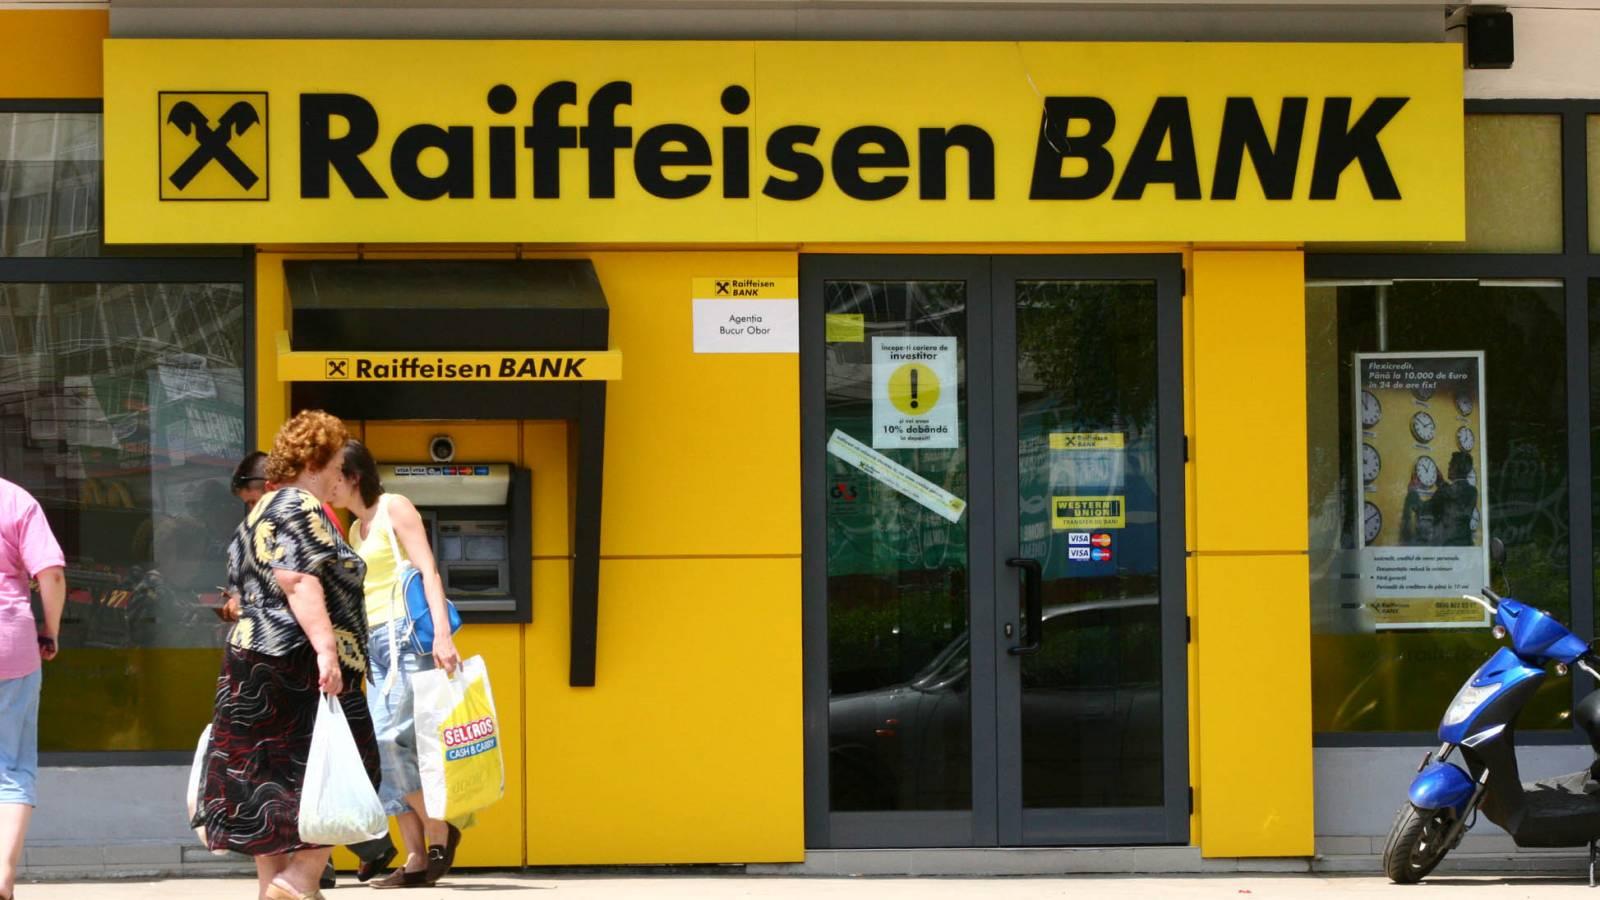 Raiffeisen Bank actualizari